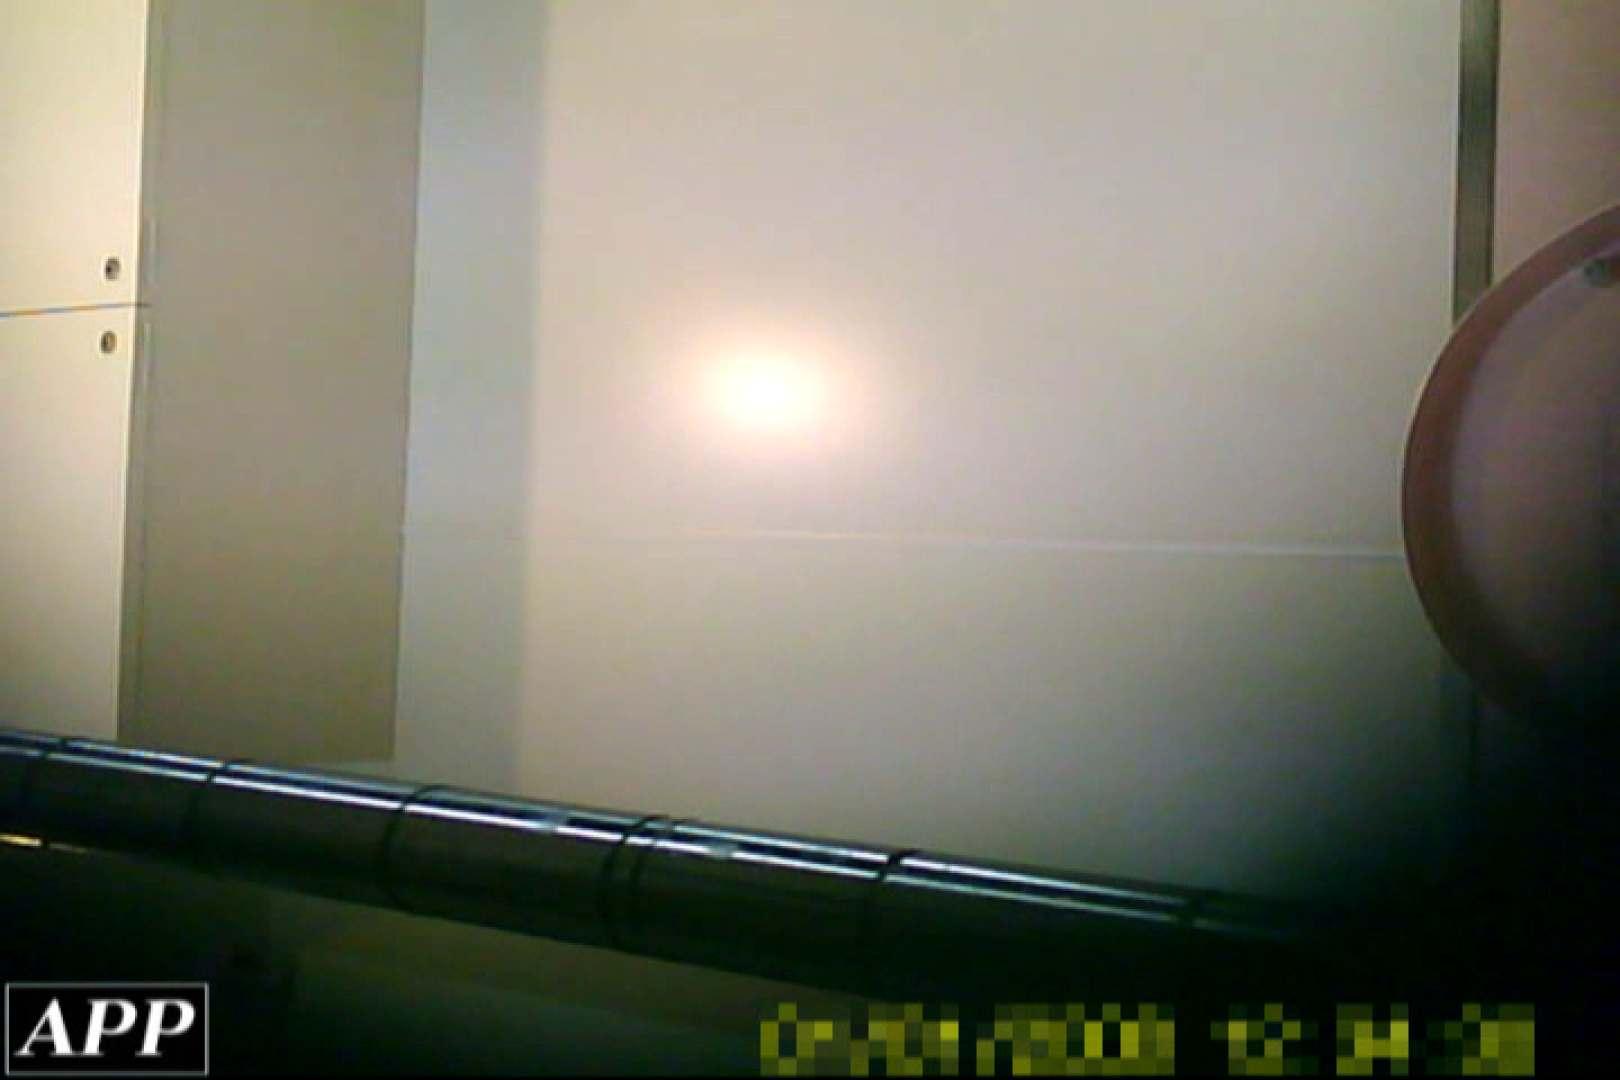 3視点洗面所 vol.120 肛門に入れて〜 AV無料動画キャプチャ 59pic 11